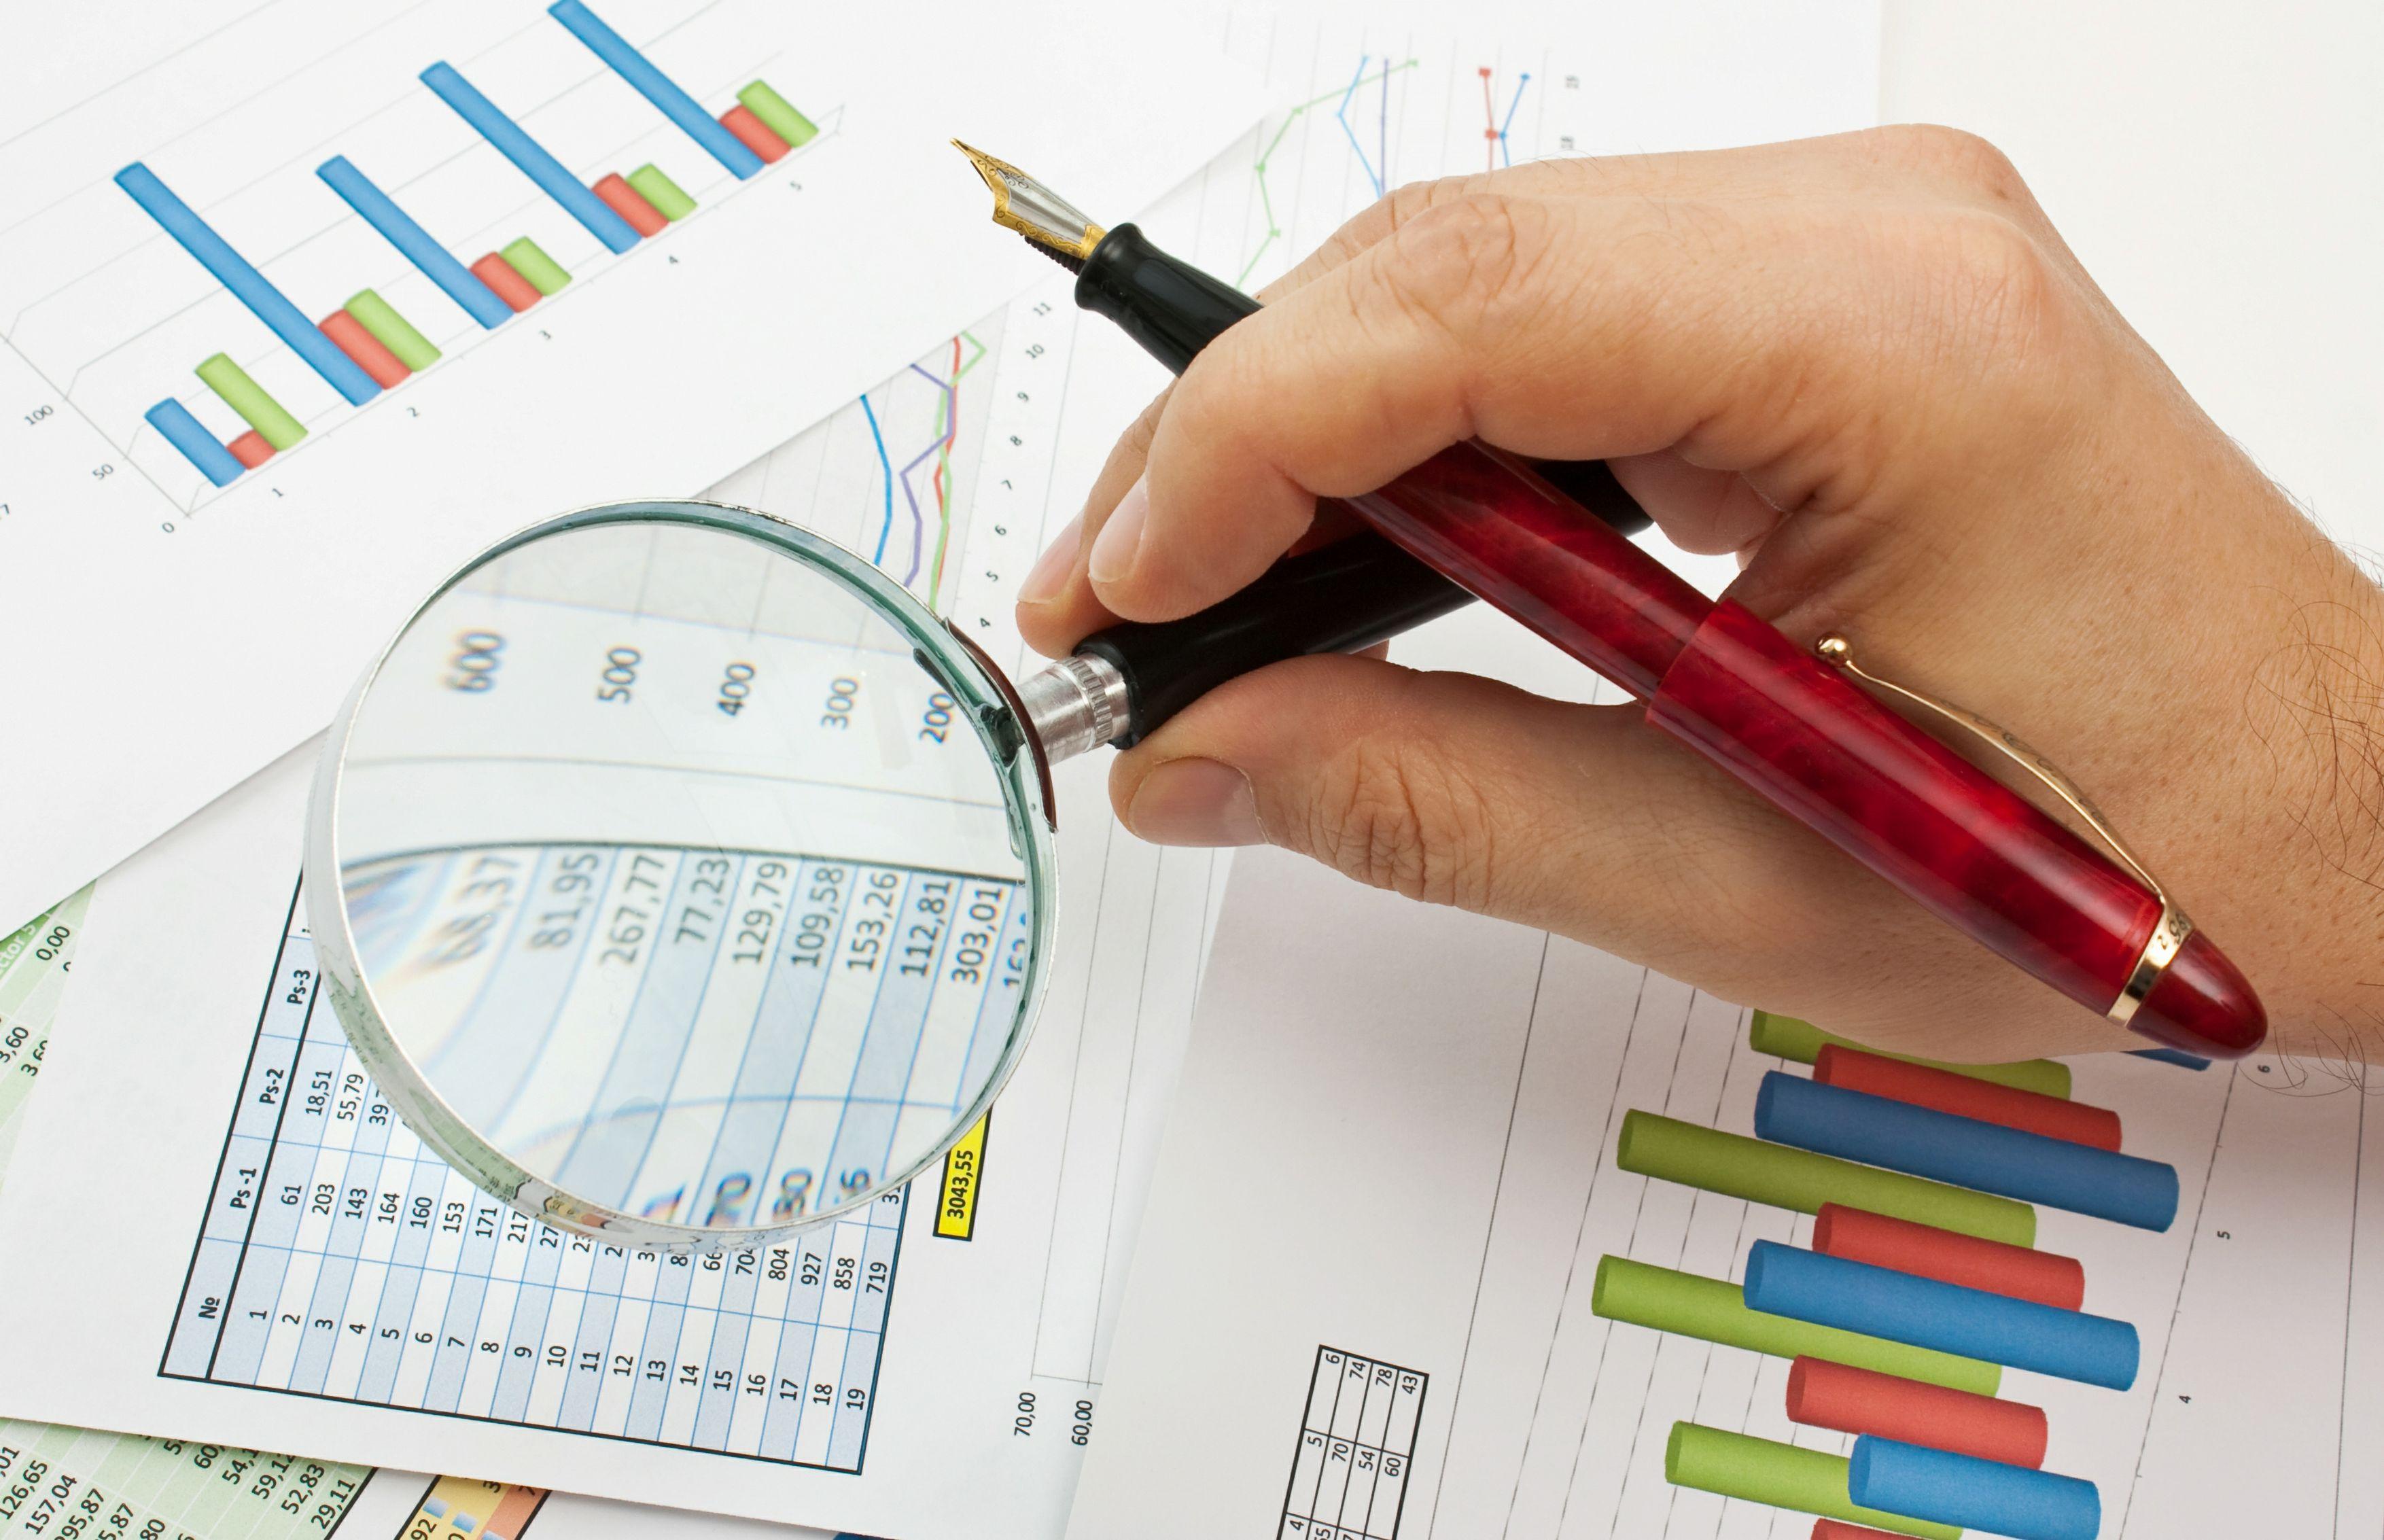 格隆汇港股聚焦(10.2)︱中航国际控股获中航国际溢价29.12%提H股私有化及吸收合并 金界控股前三季博彩净收入升29%至6.16亿美元